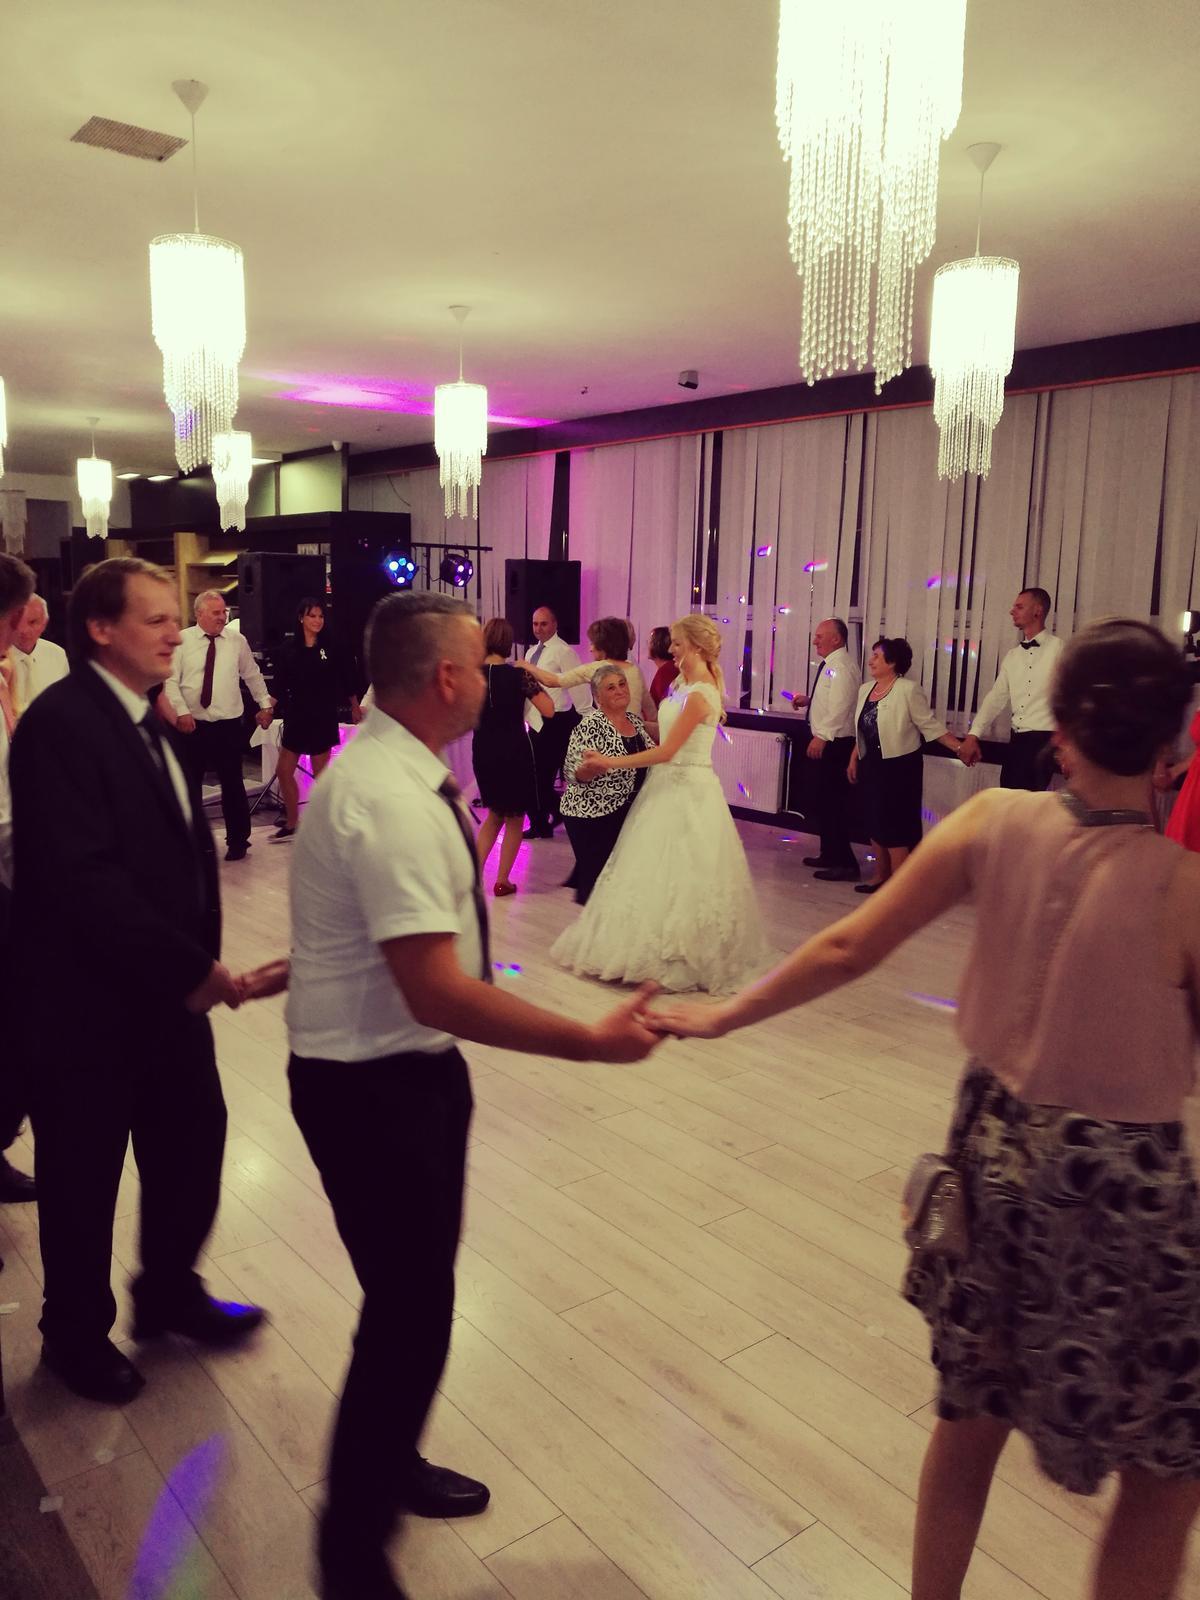 Relax UCM Trnava - Lucia a Tomáš, skvelá slovensko - maďarská svadba poriadne od podlahy - Relax UCM Trnava - Lucia a Tomáš, skvelá slovensko - maďarská svadba poriadne od podlahy